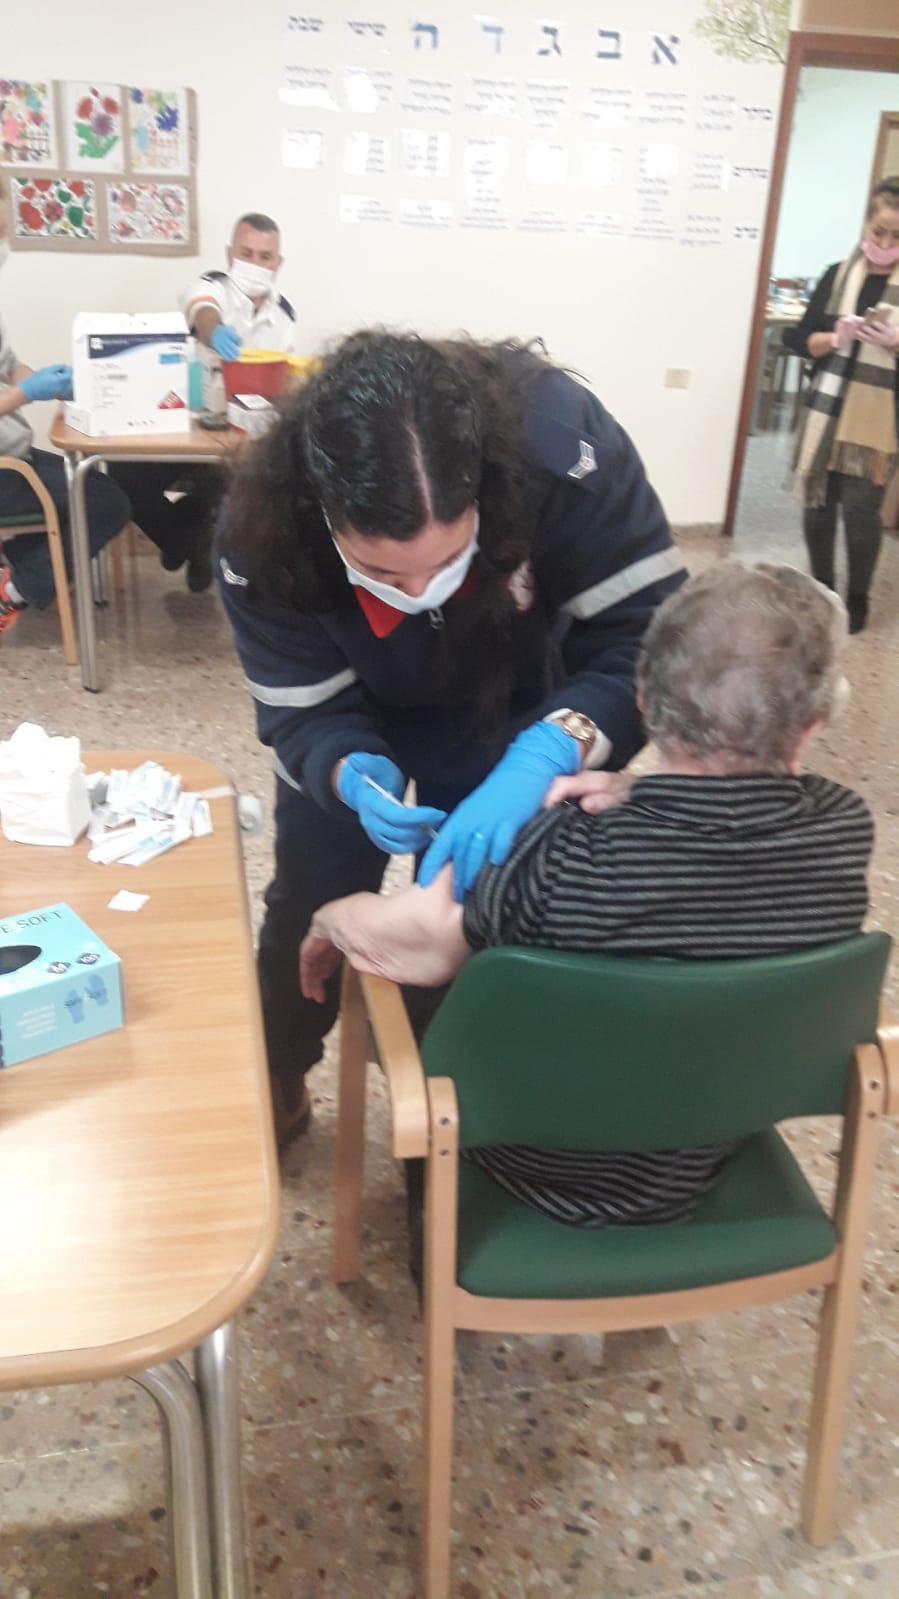 מבצע חיסונים בבתים הסיעודיים בקיבוצי הגליל העליון